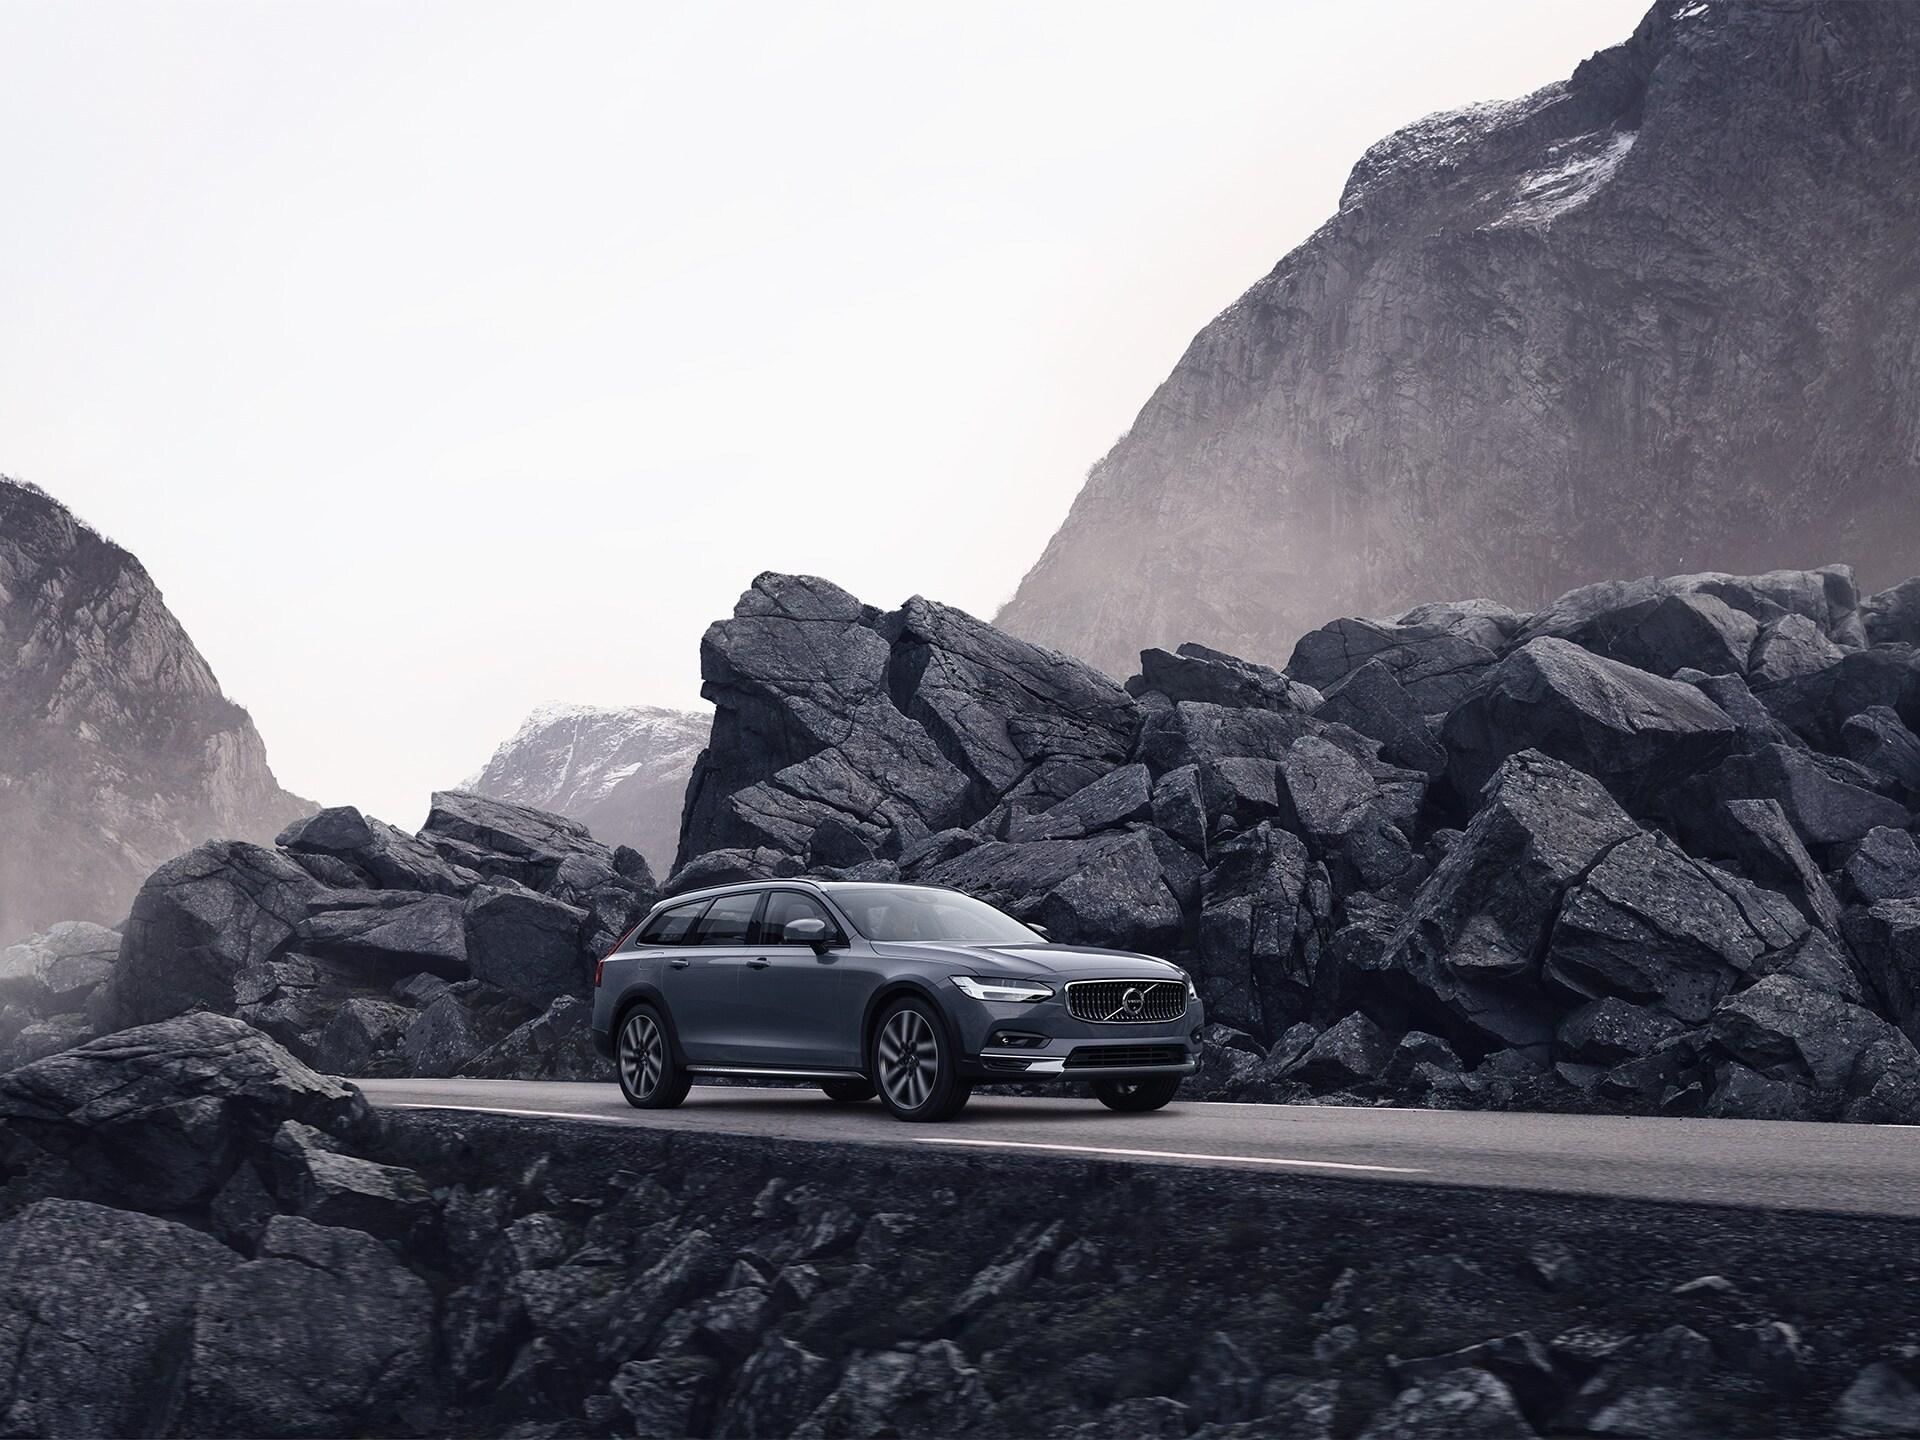 En grå Volvo, der kører på en vej med klipper på siden af vejen